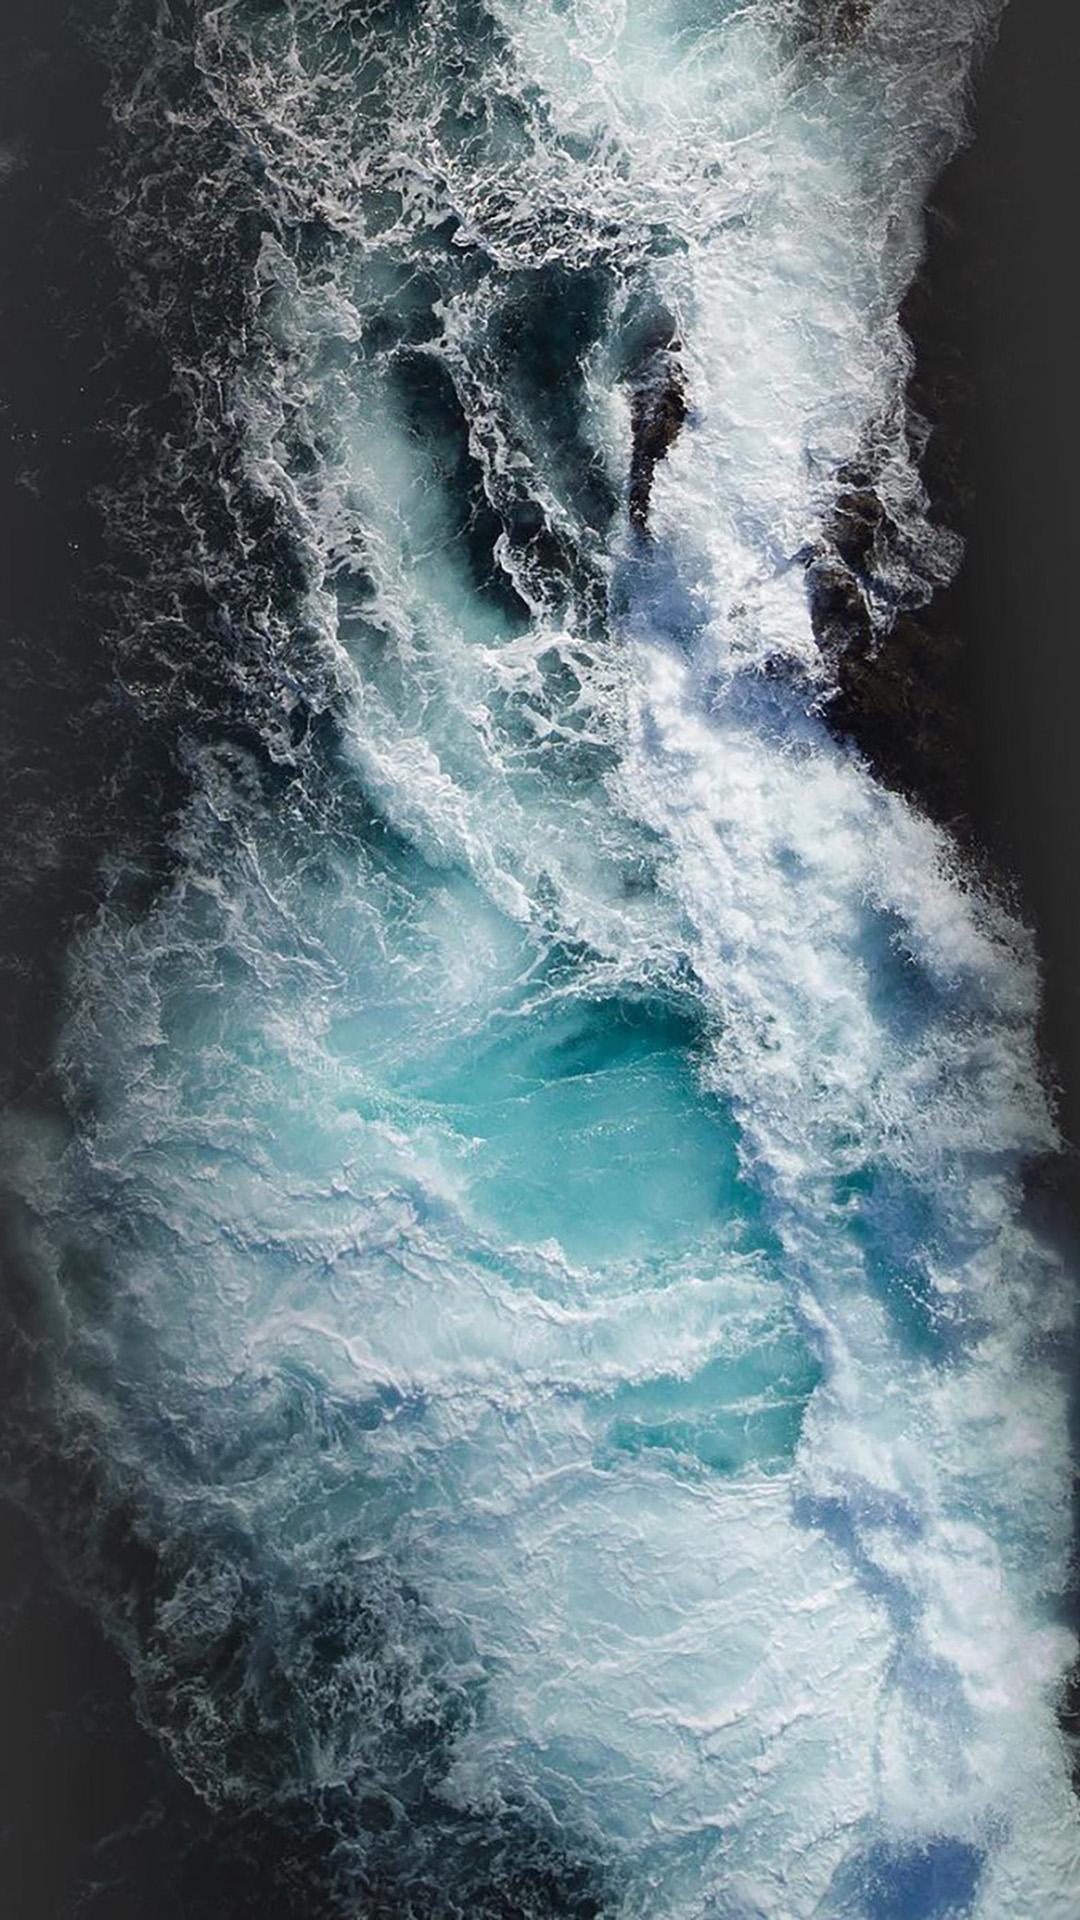 The iPhone Wallpapers » Ocean art